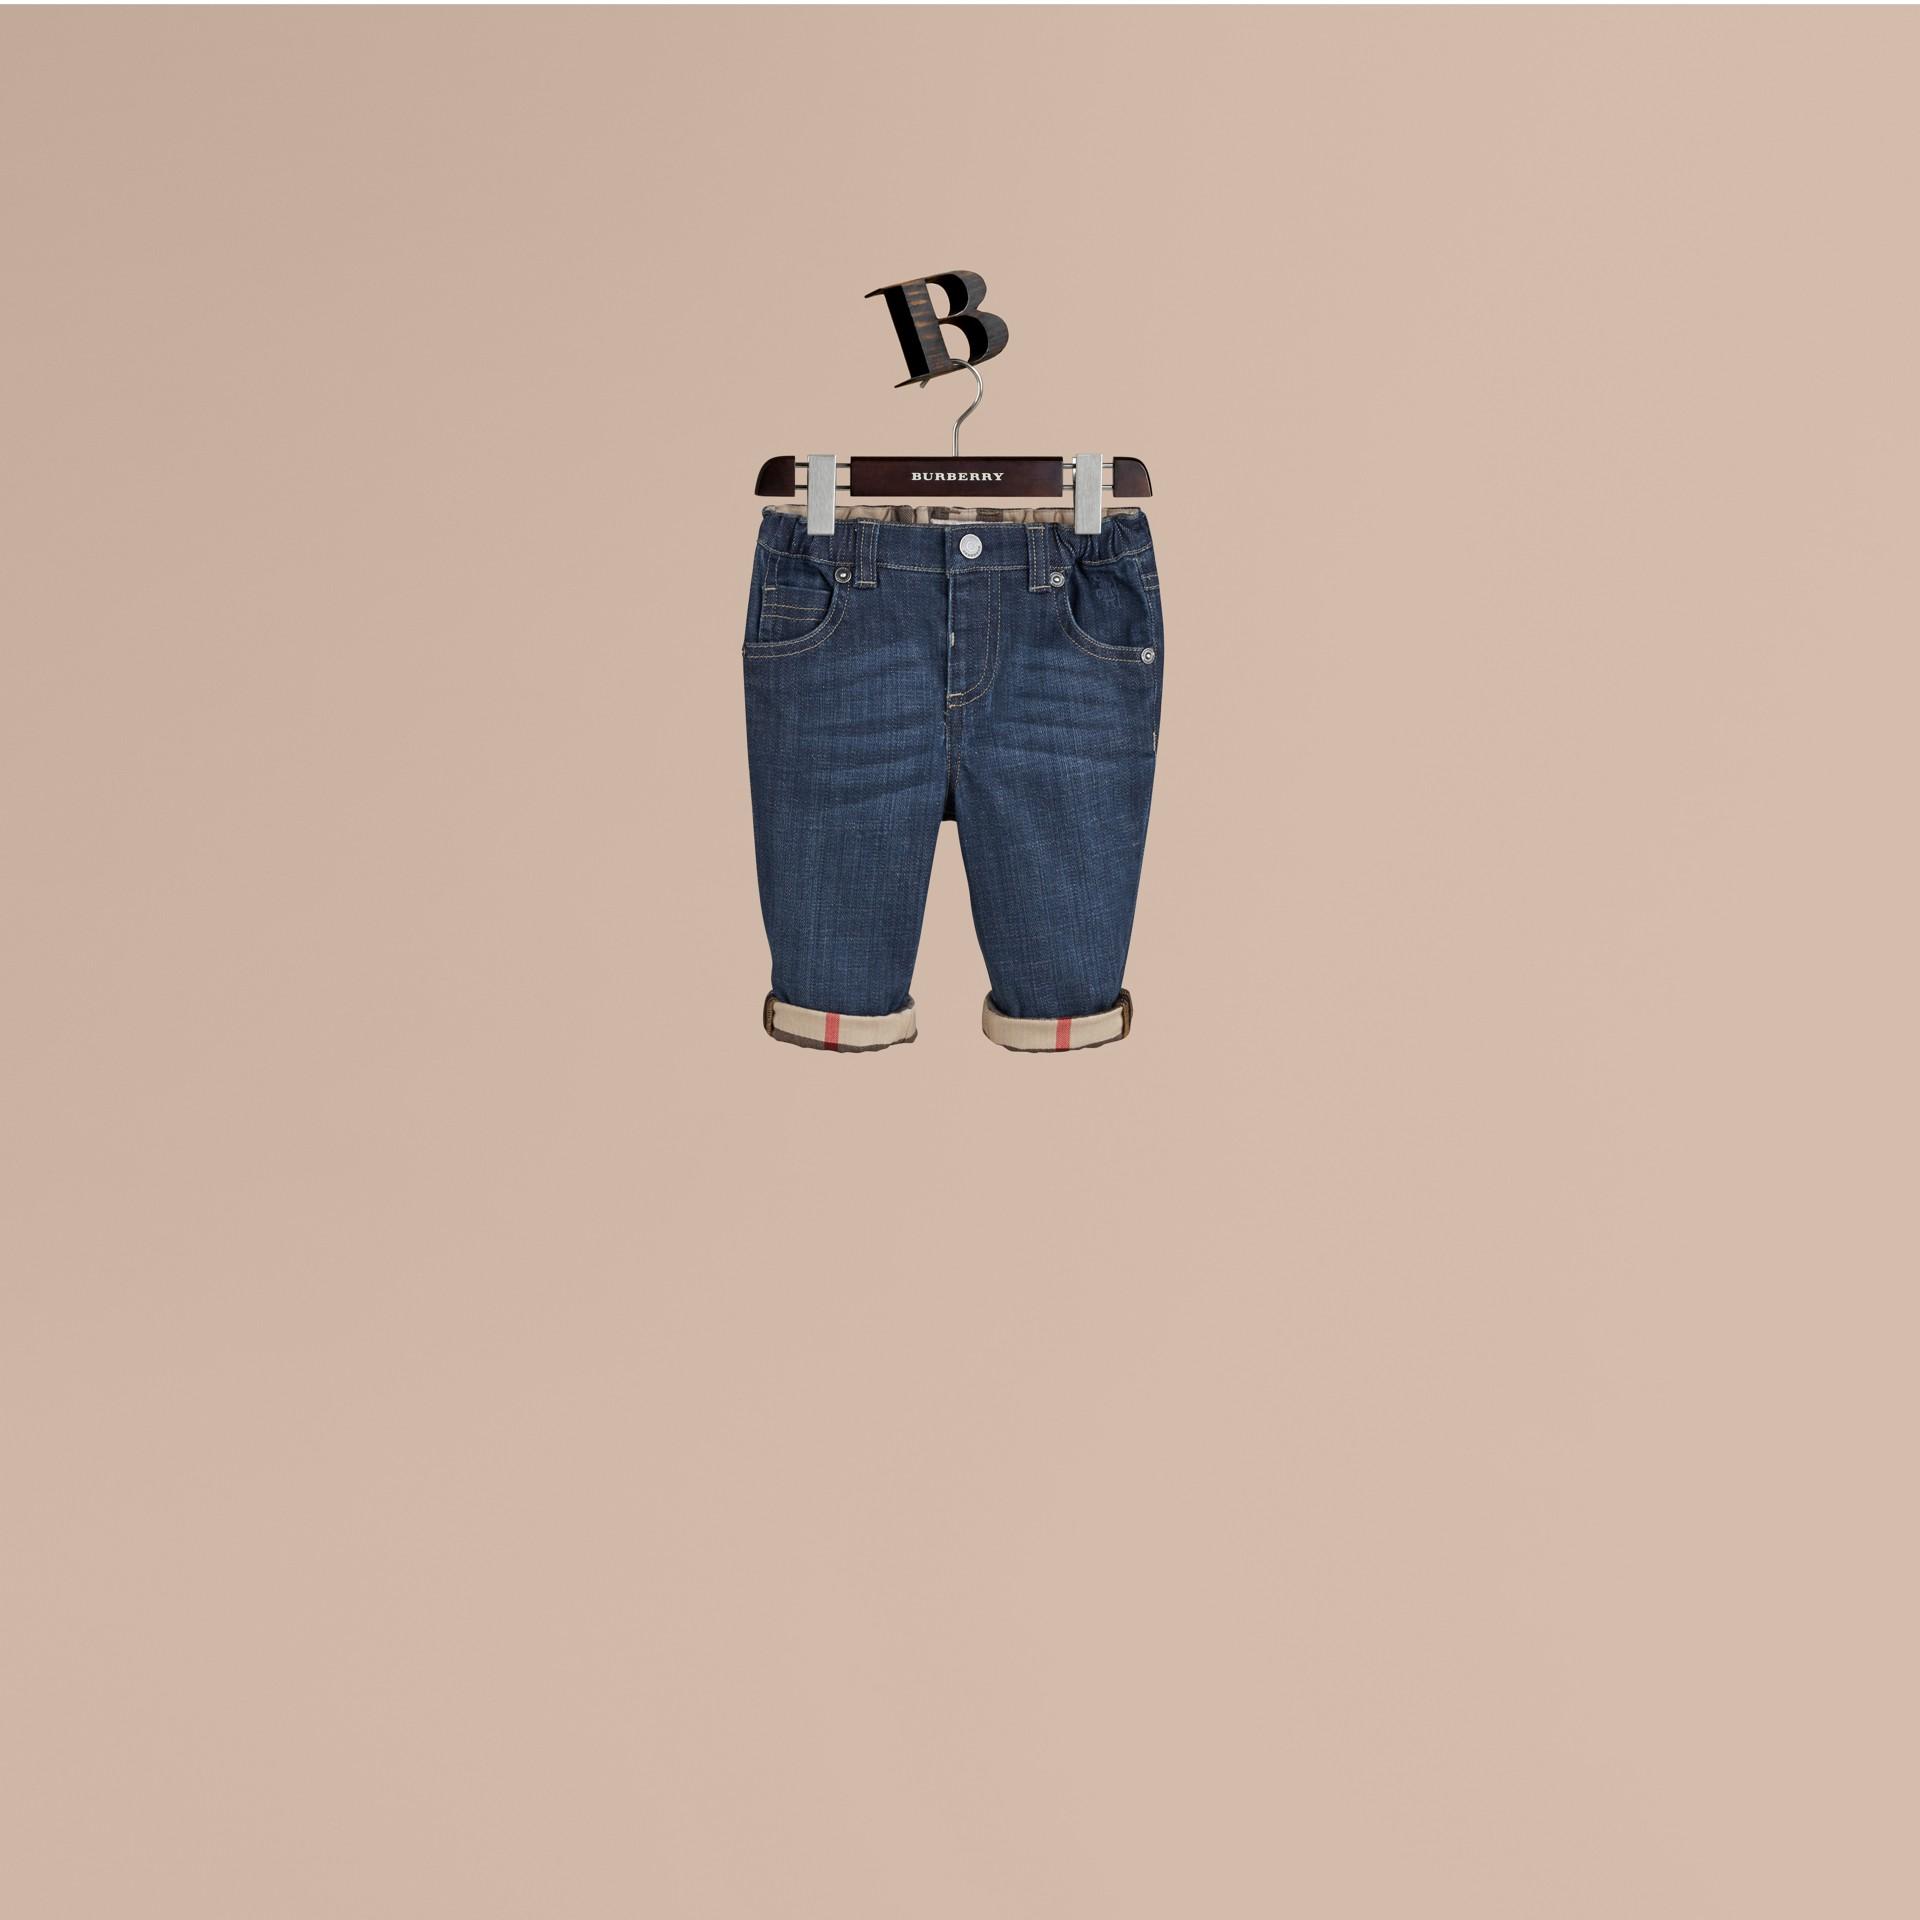 Blu Jeans in denim stretch - immagine della galleria 1